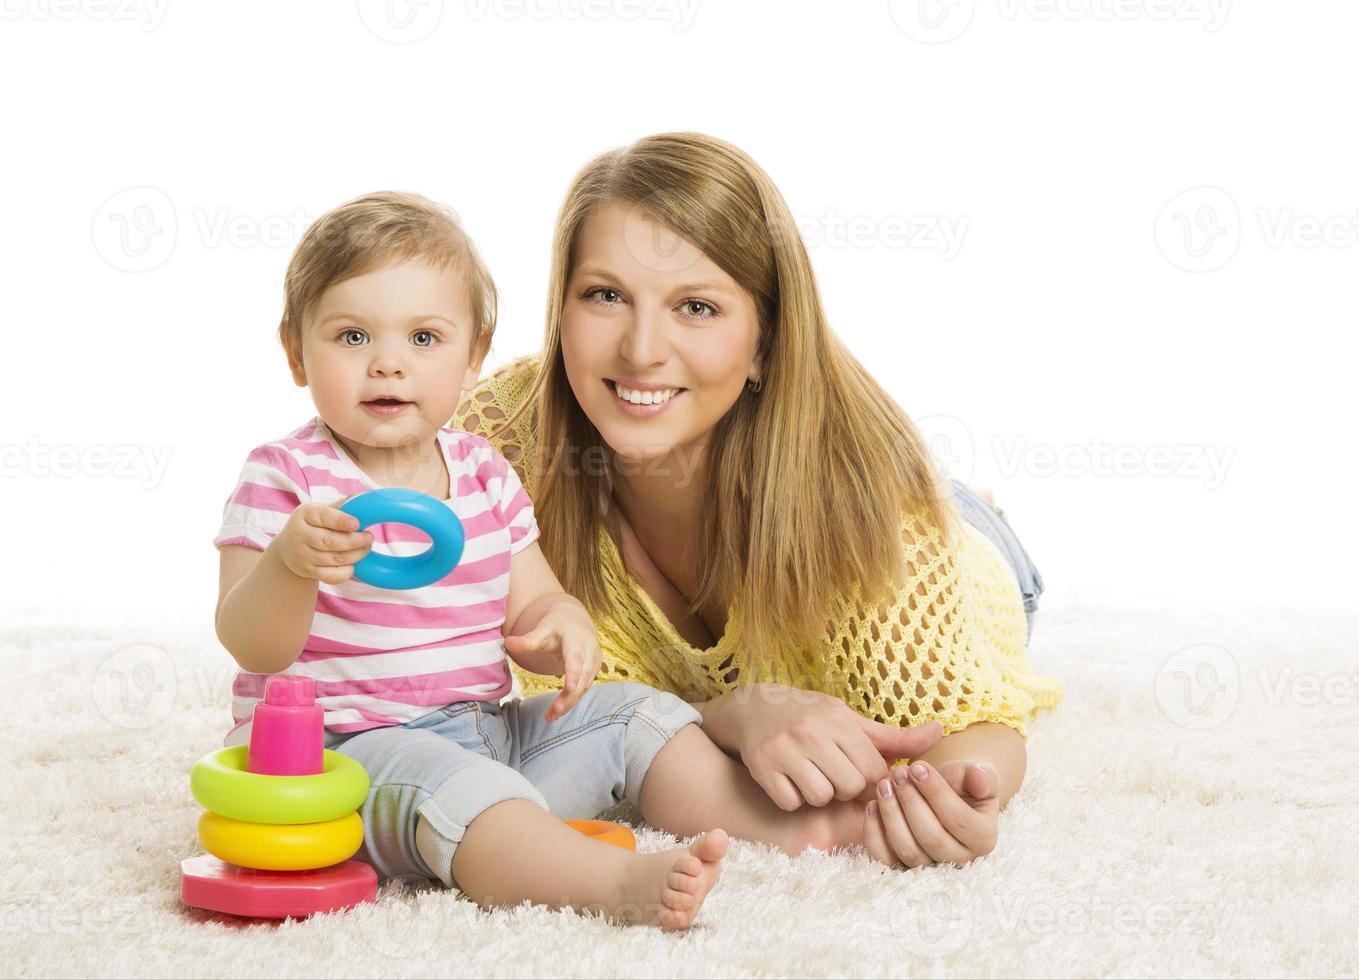 madre bebé, niño jugando bloques de juguete, familia joven y niño foto